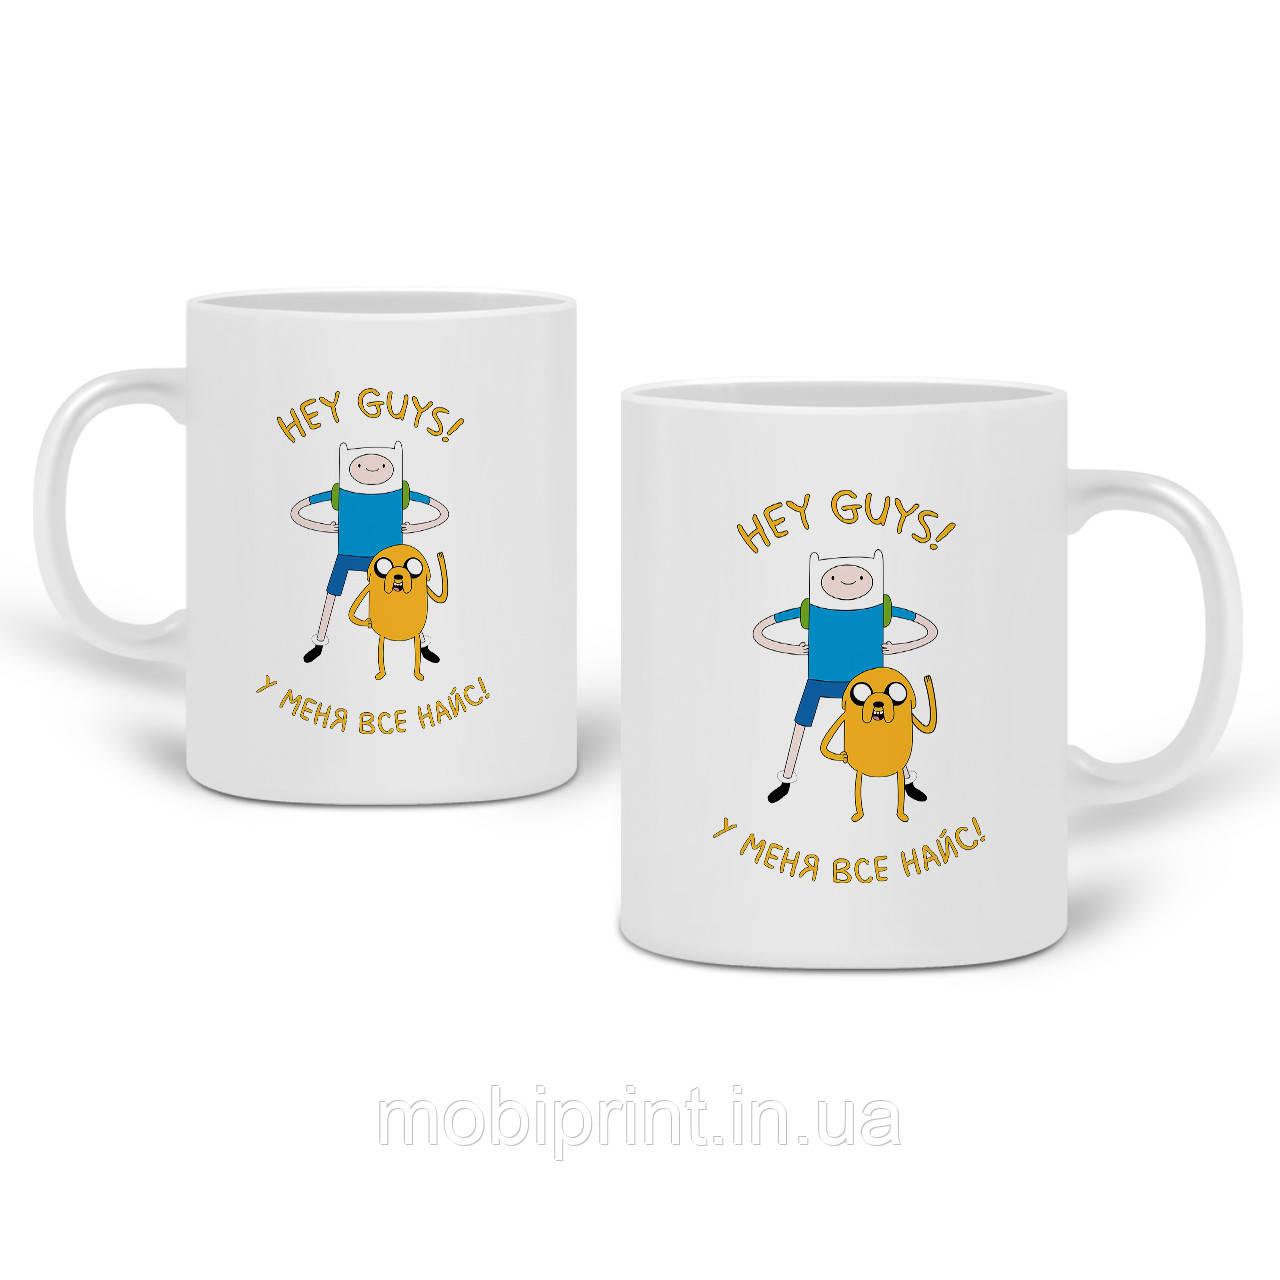 Кружка Финн и Джейк пес Время Приключений (Adventure Time) 330 мл Чашка Керамическая (20259-1579)